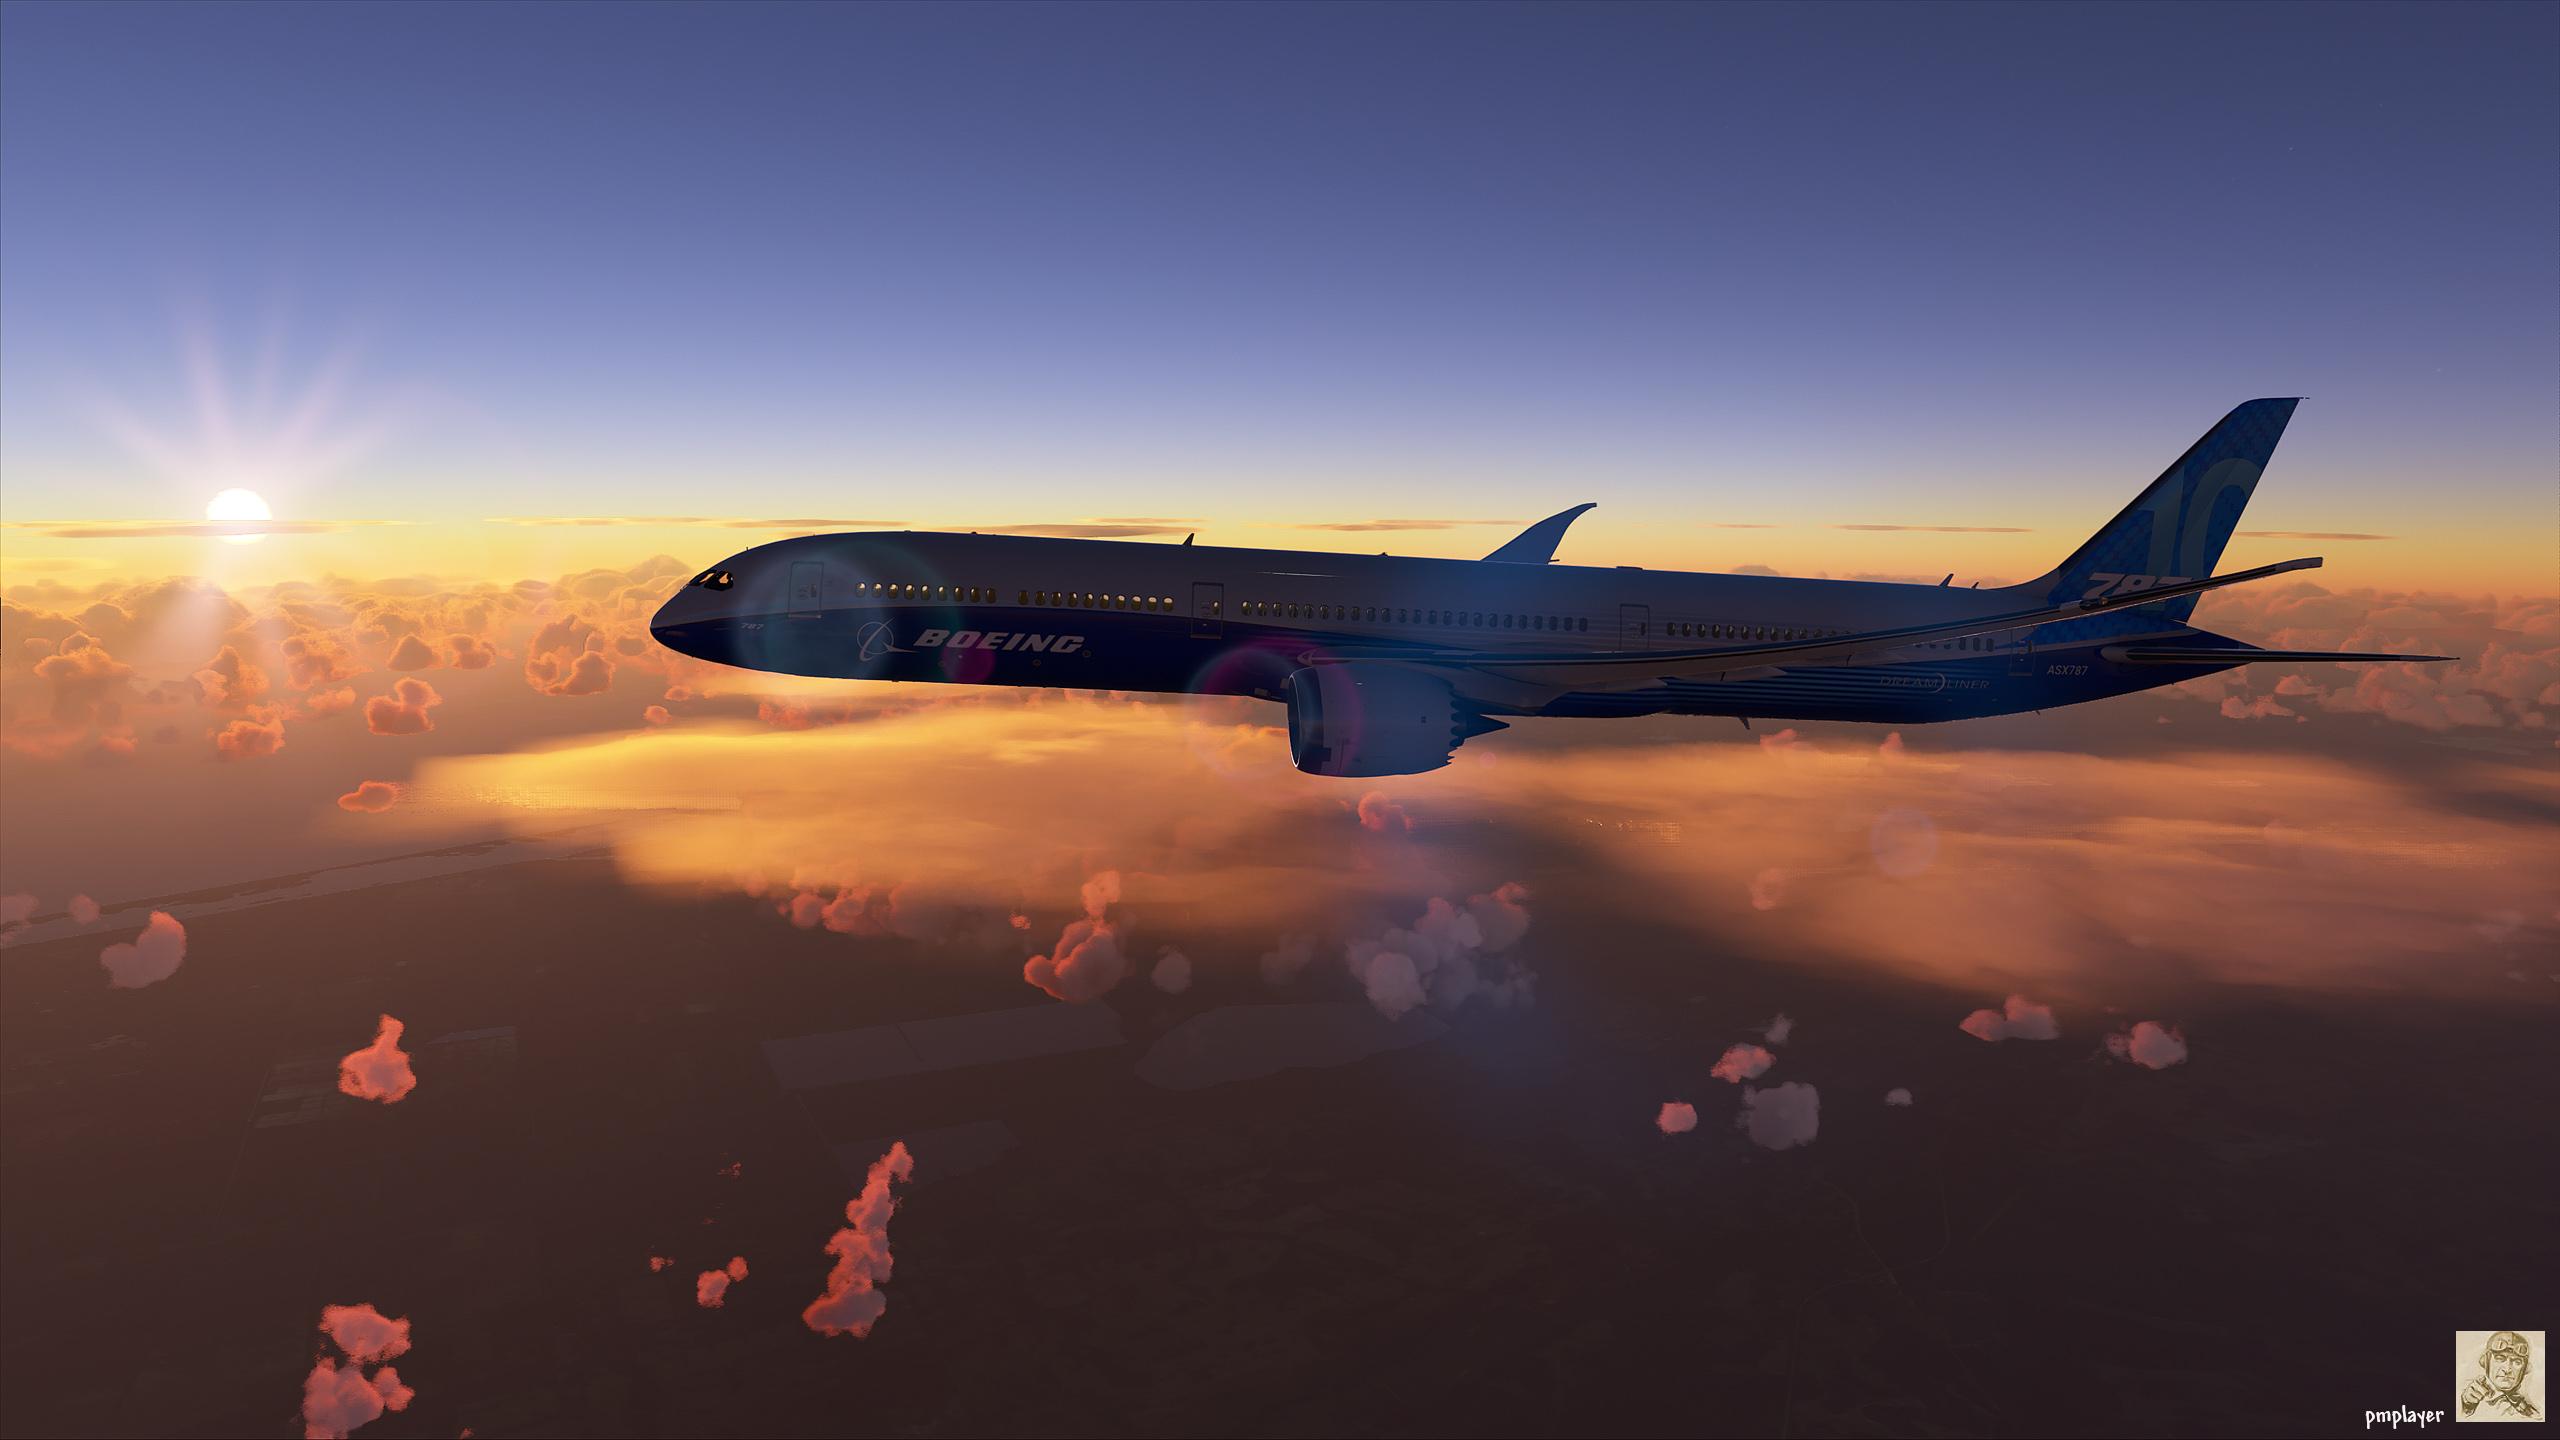 787-10onupcomingsun_2agjzp.jpg